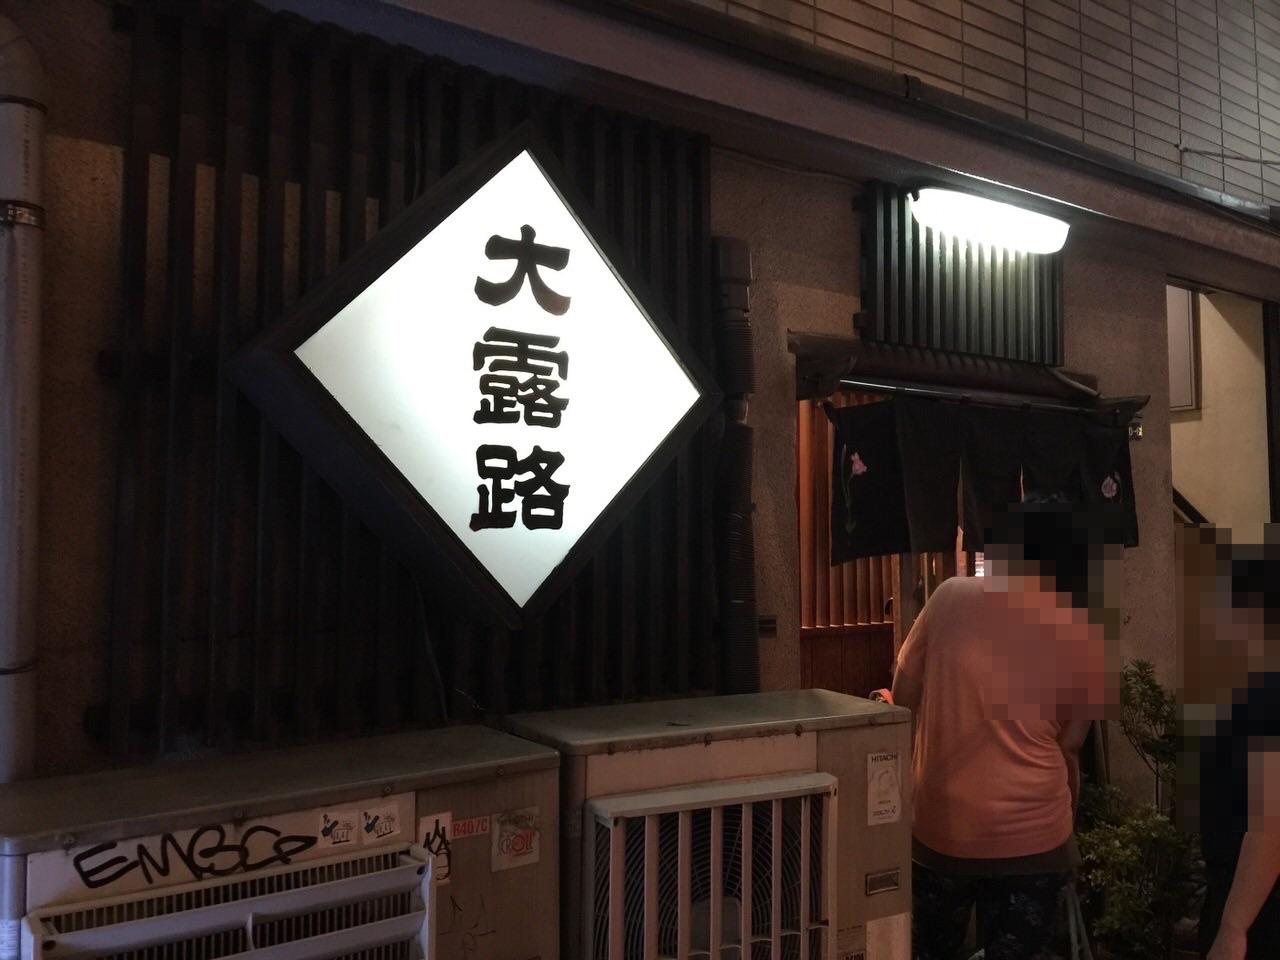 「大露路(新橋)」チューハイ300円!極厚ハムカツも300円!16時から呑める大衆酒場